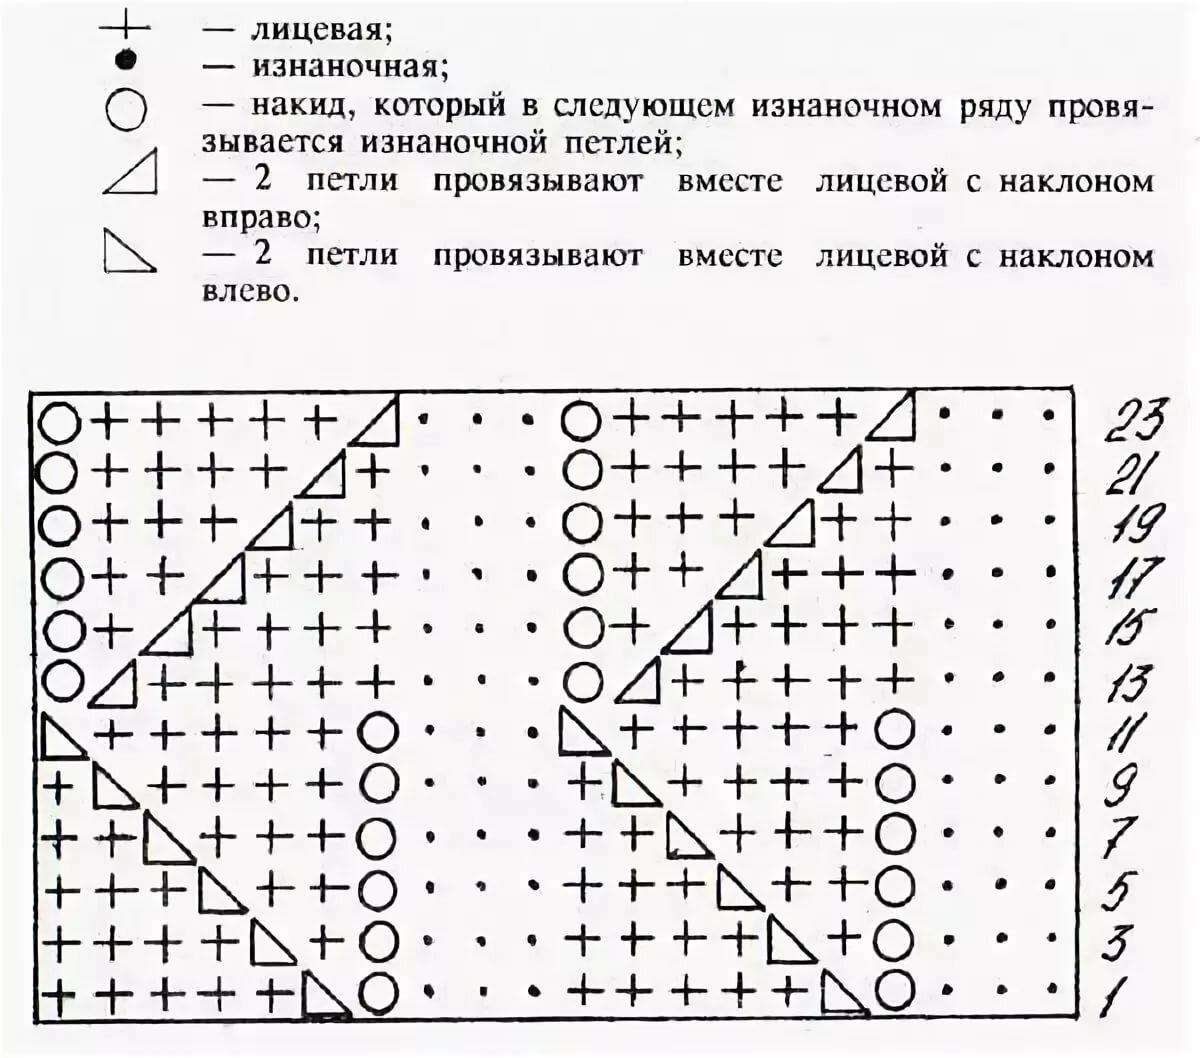 Вязание спицами подробное описание схемы картинки